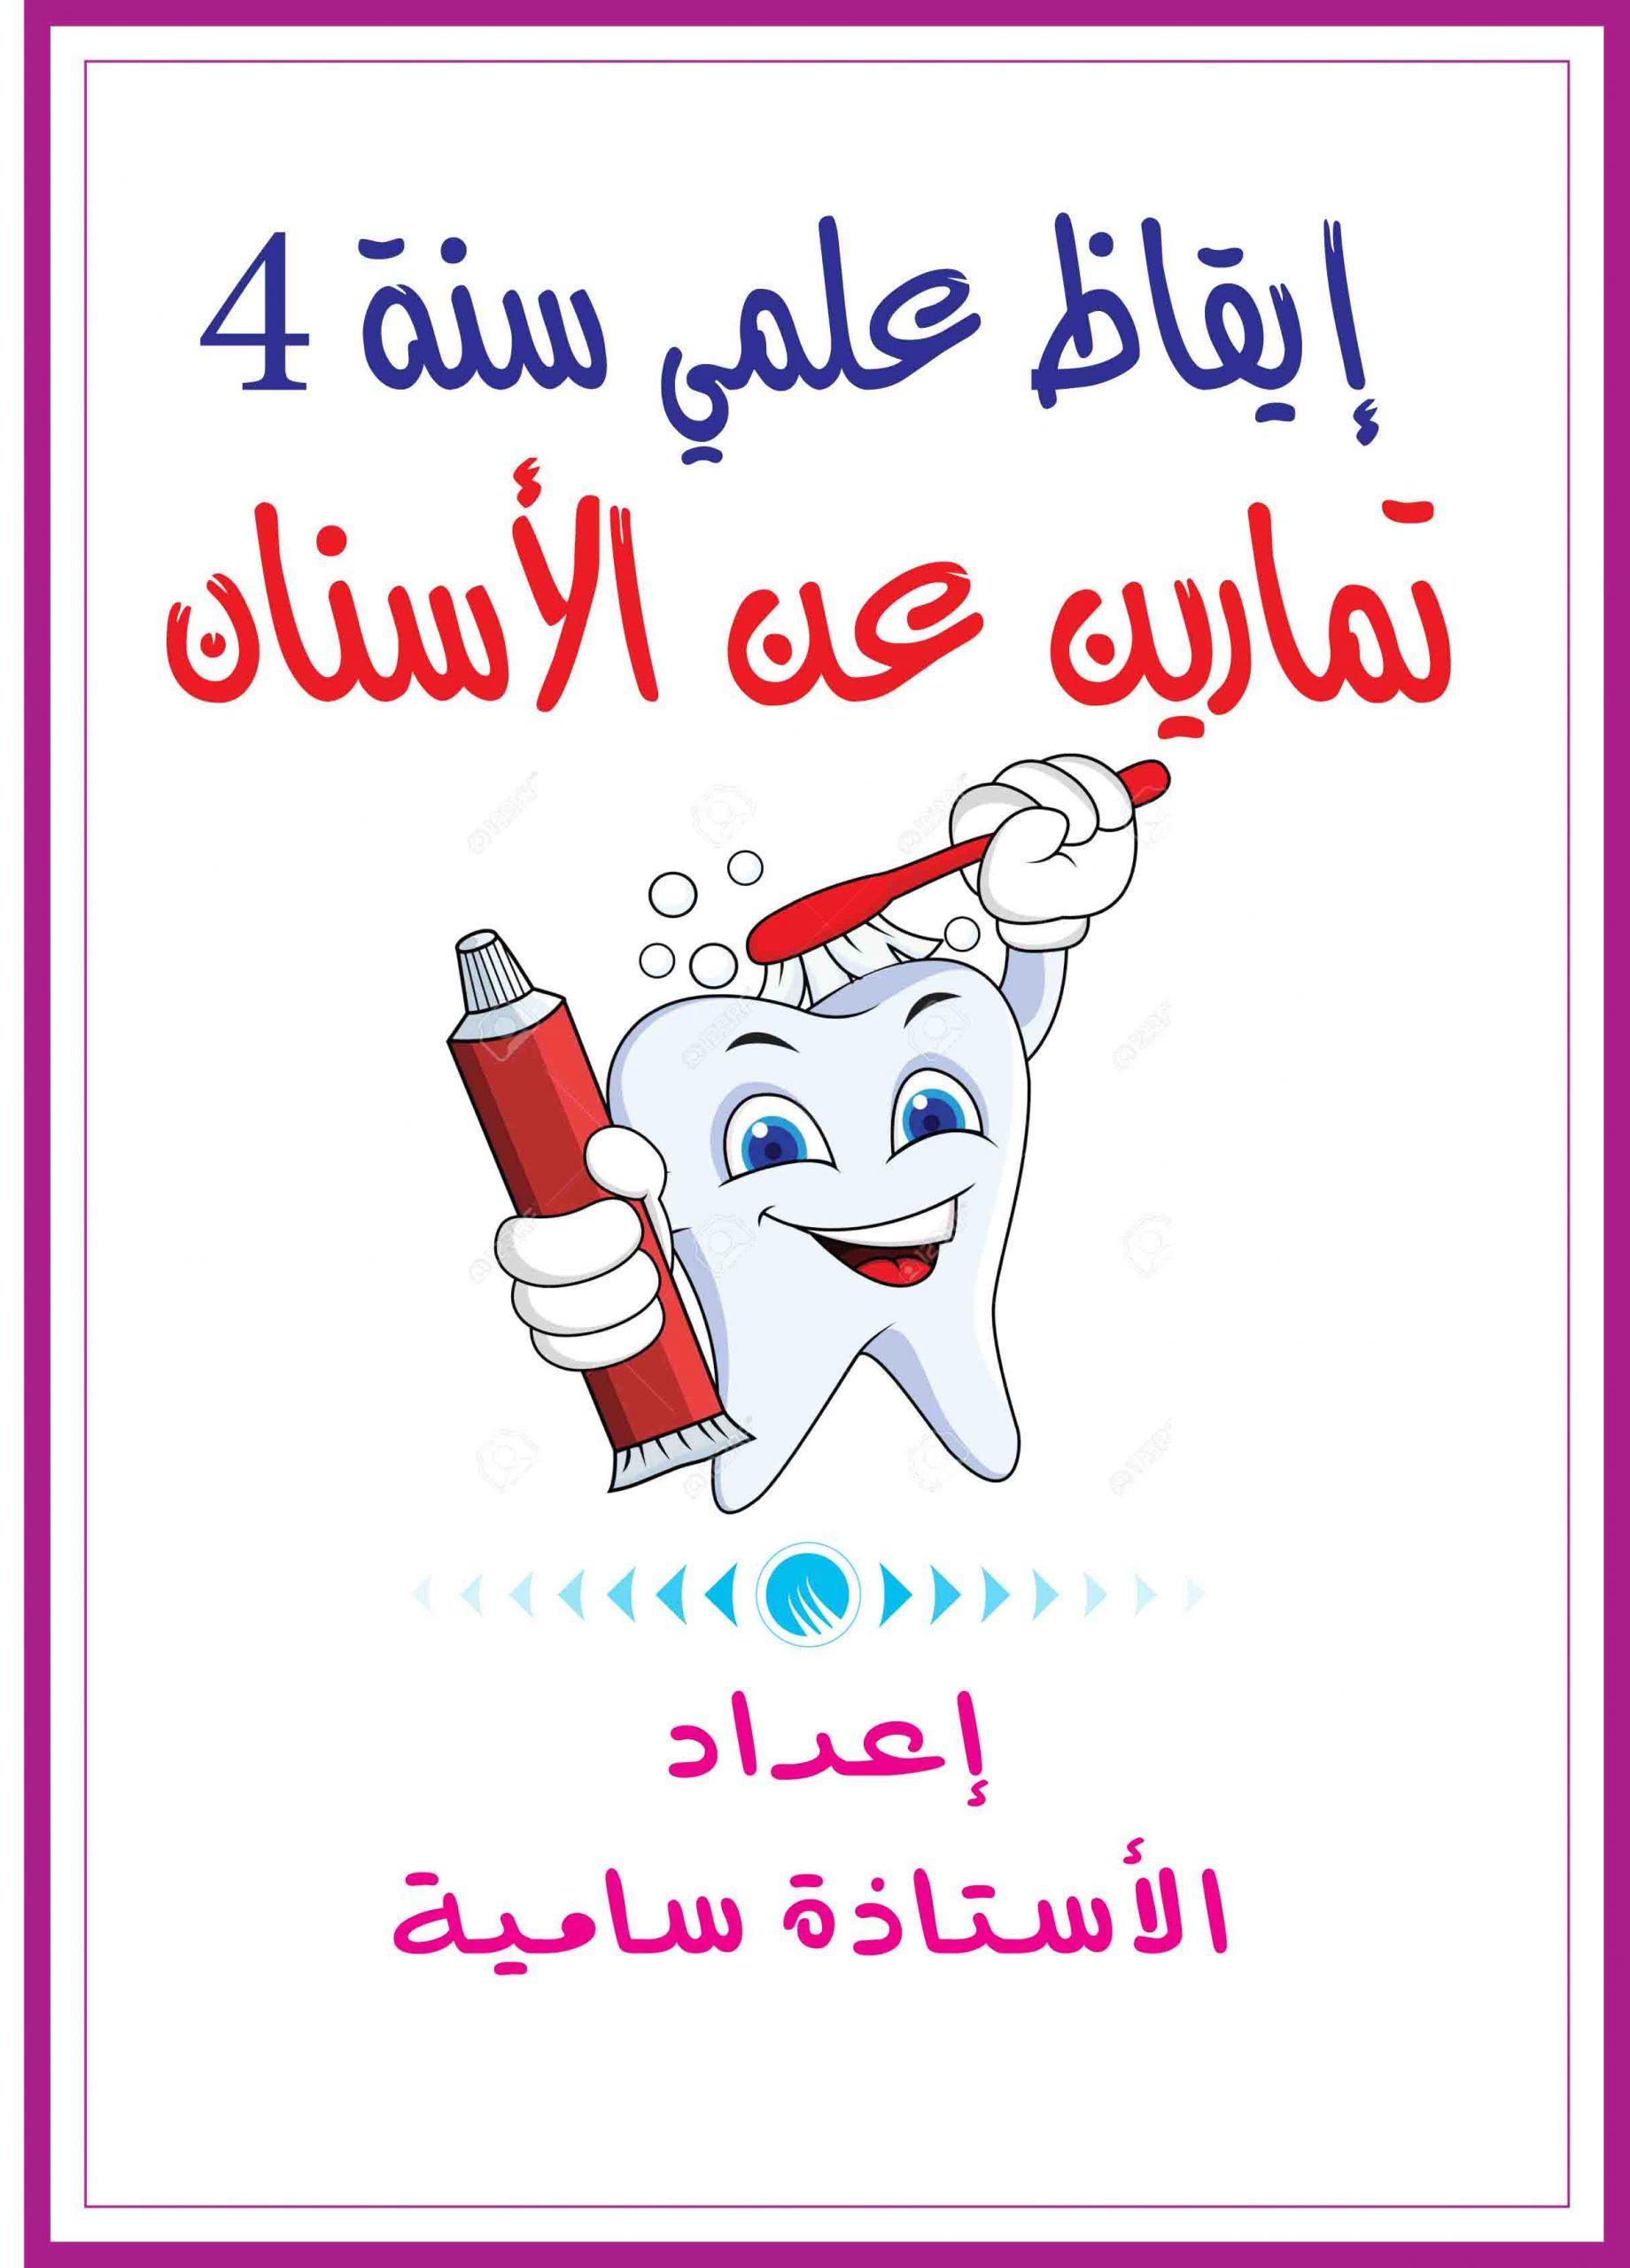 إيقاظ علمي سنة 4 ـ تمارين عن الأسنان ـ إعداد الأستاذة سامية